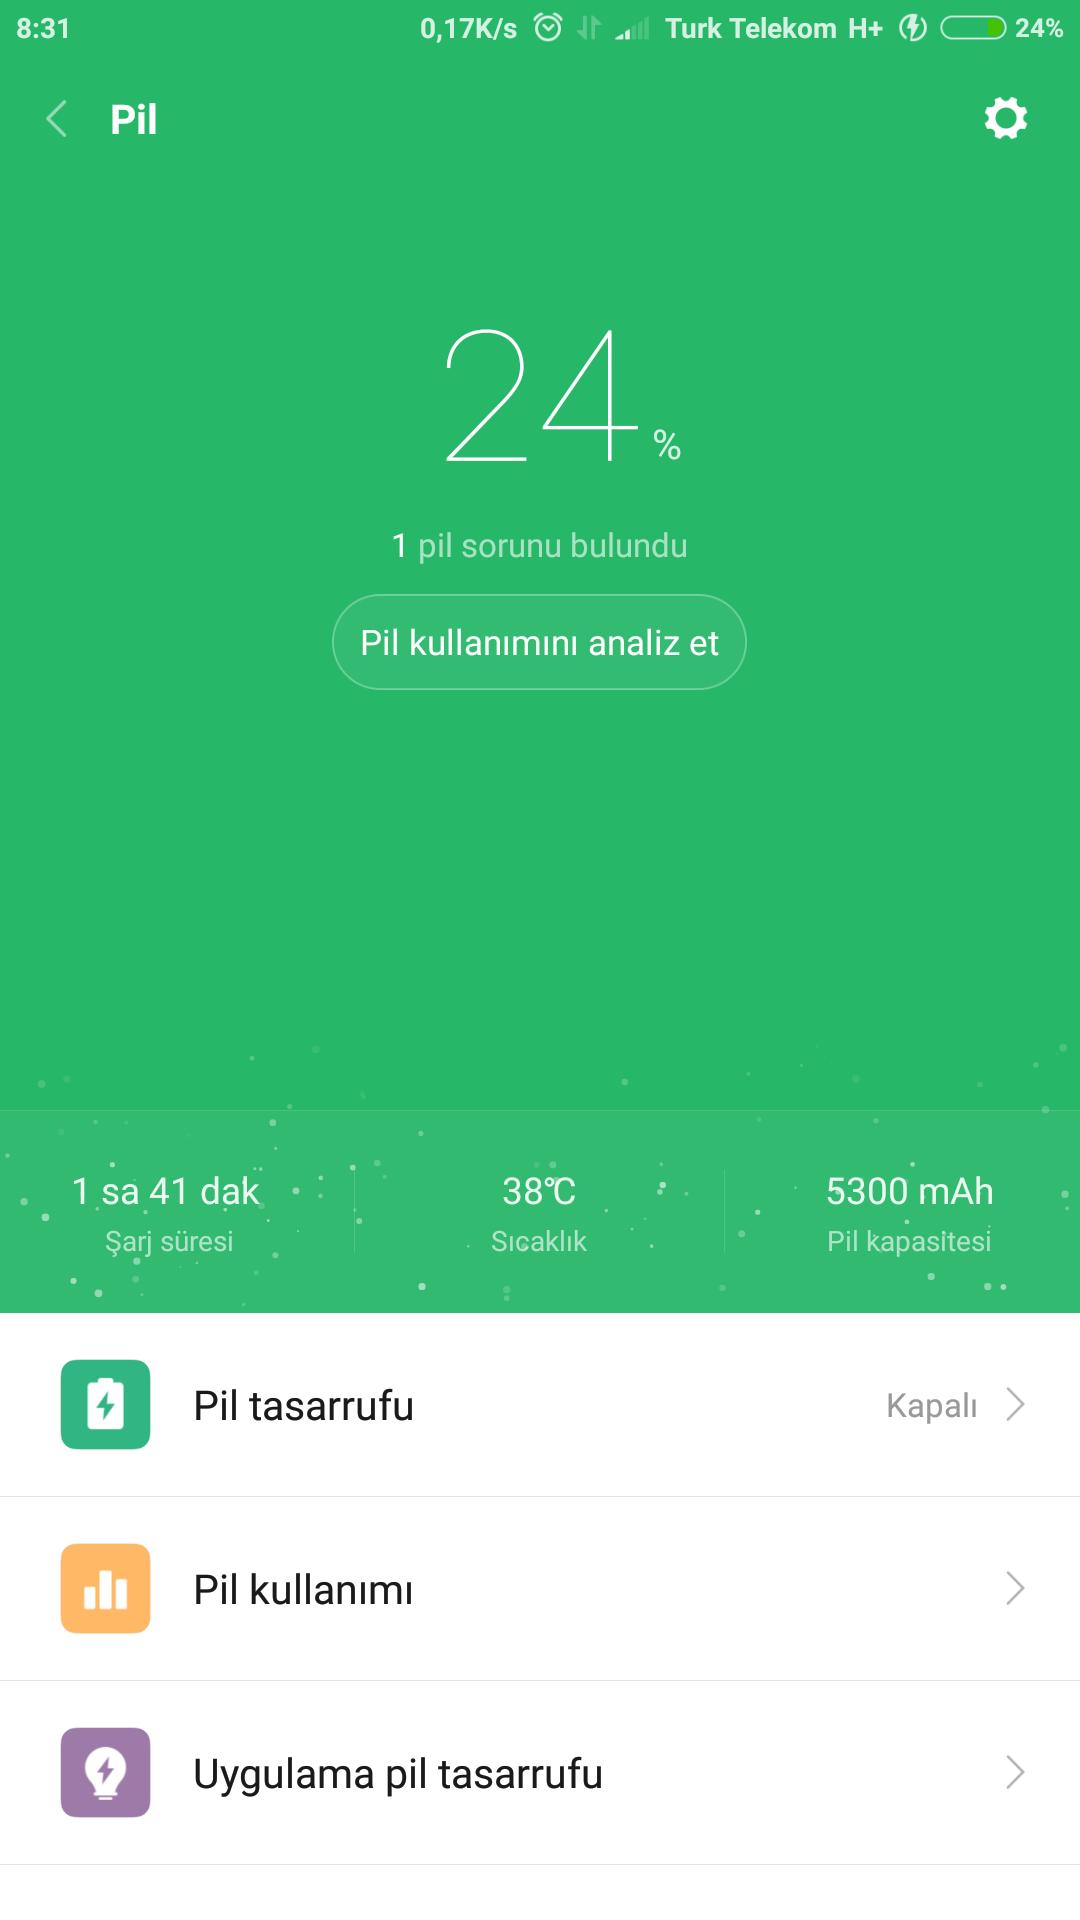 Xiaomi Mi Max 2 Pil kullanım testi performans ve deneyimleri ve Şarj olma süresi Sayfa 1 3